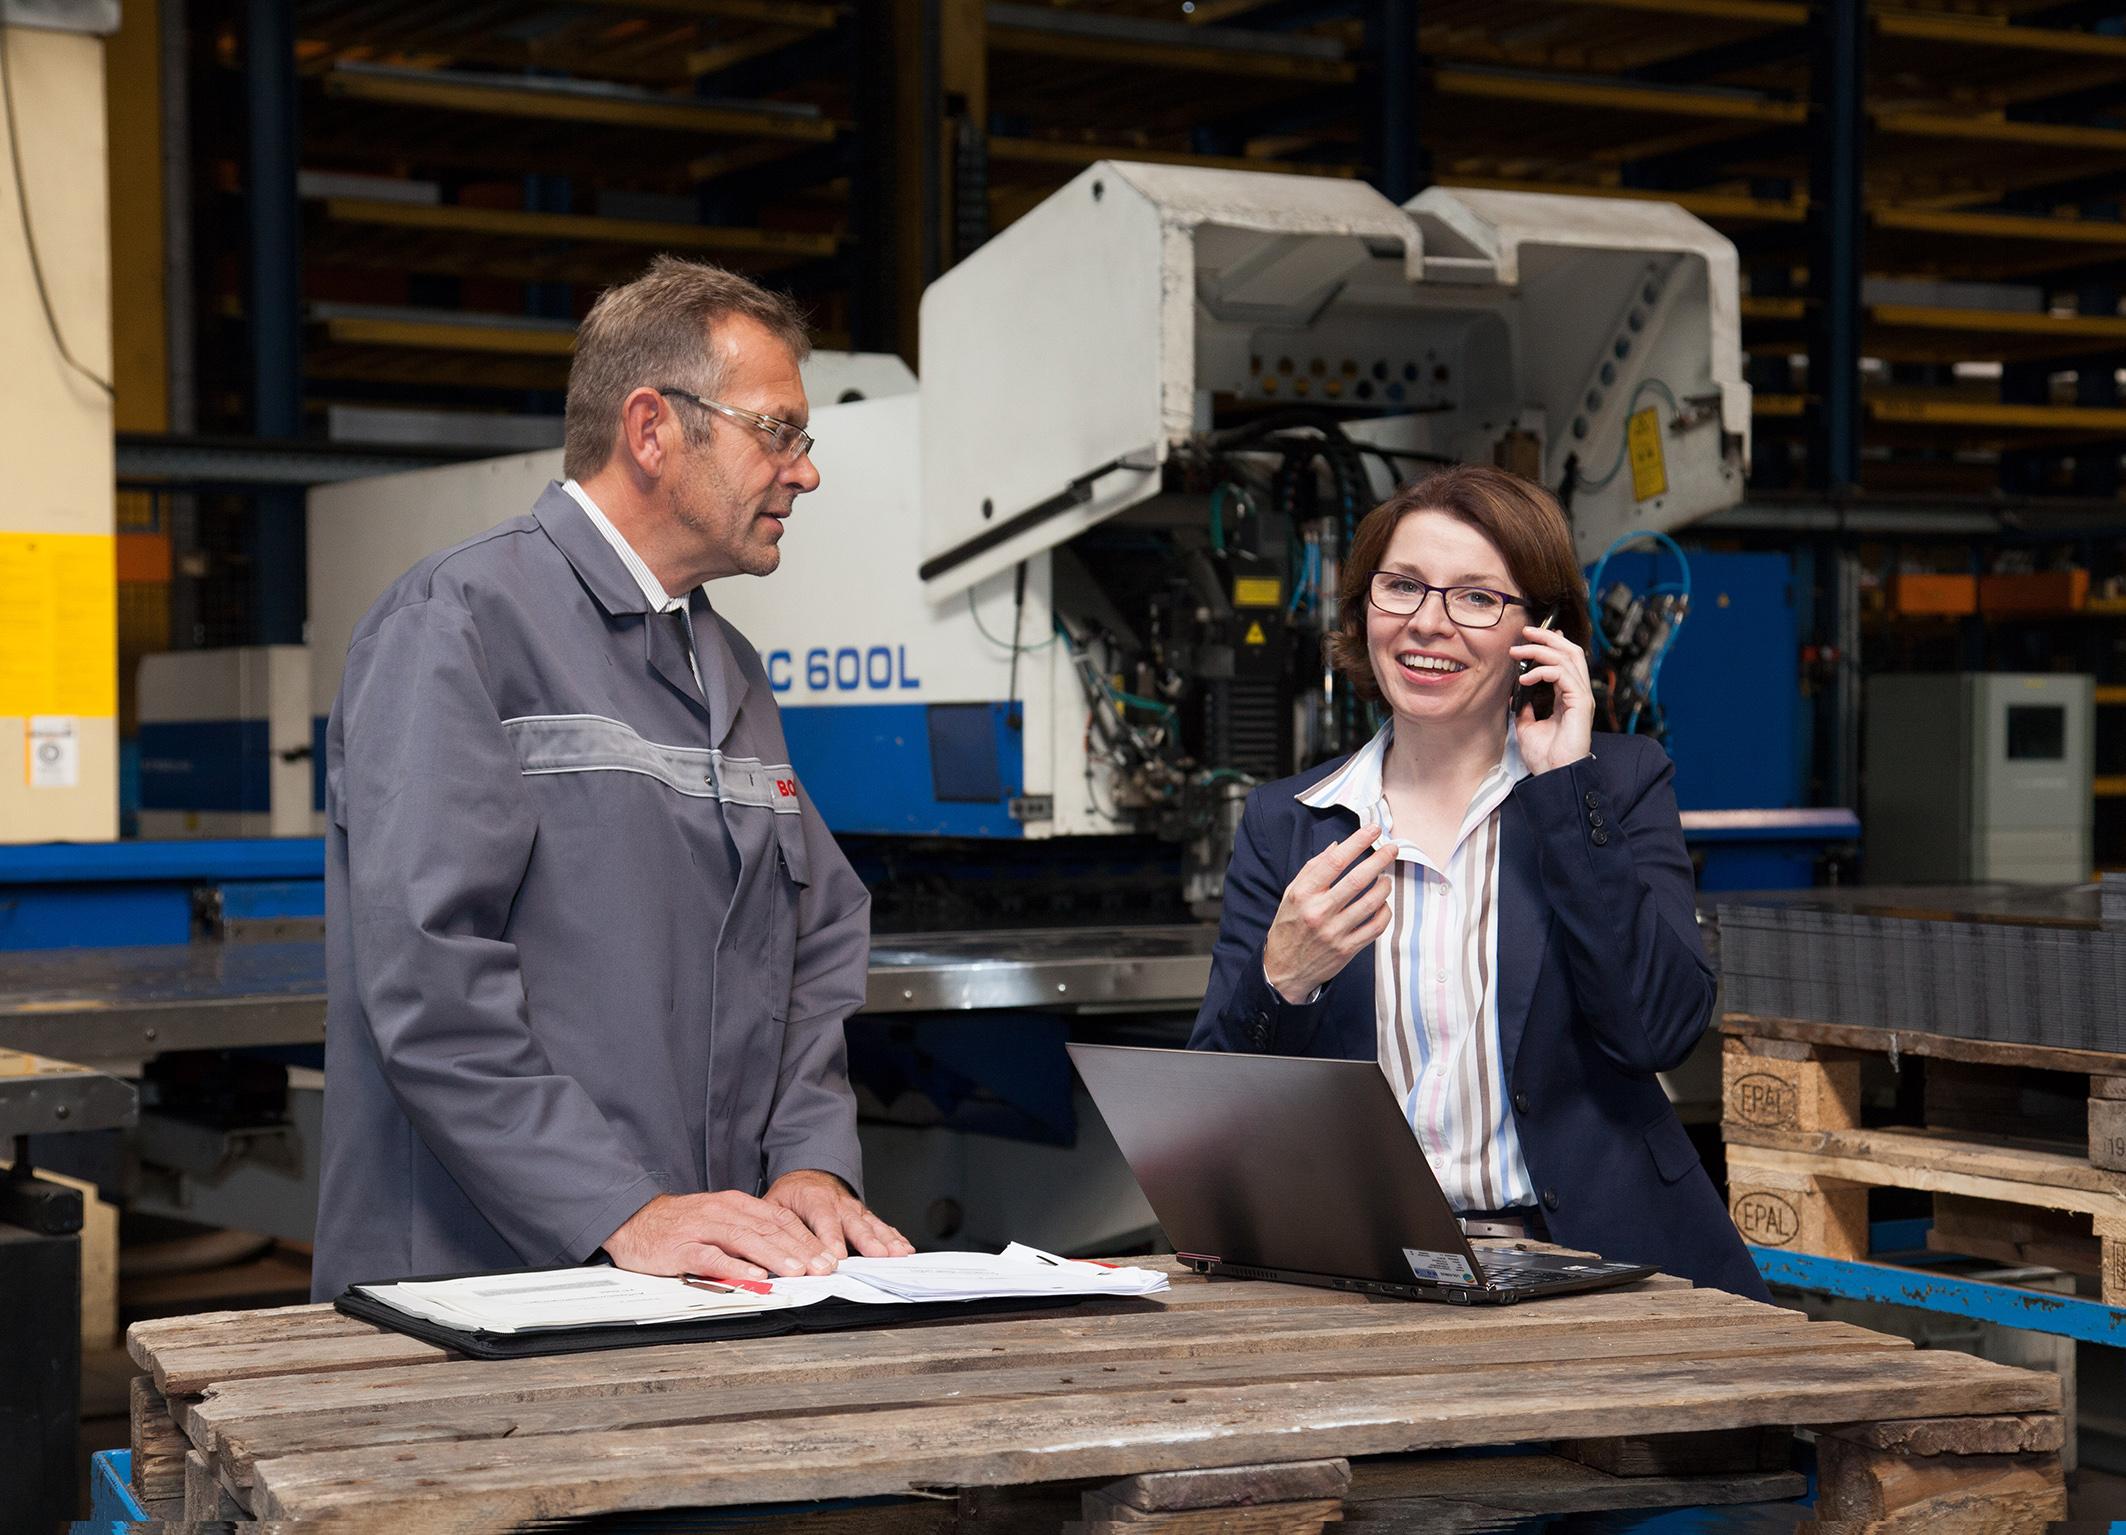 Ausbau der flexiblen Arbeitskultur bei Bosch